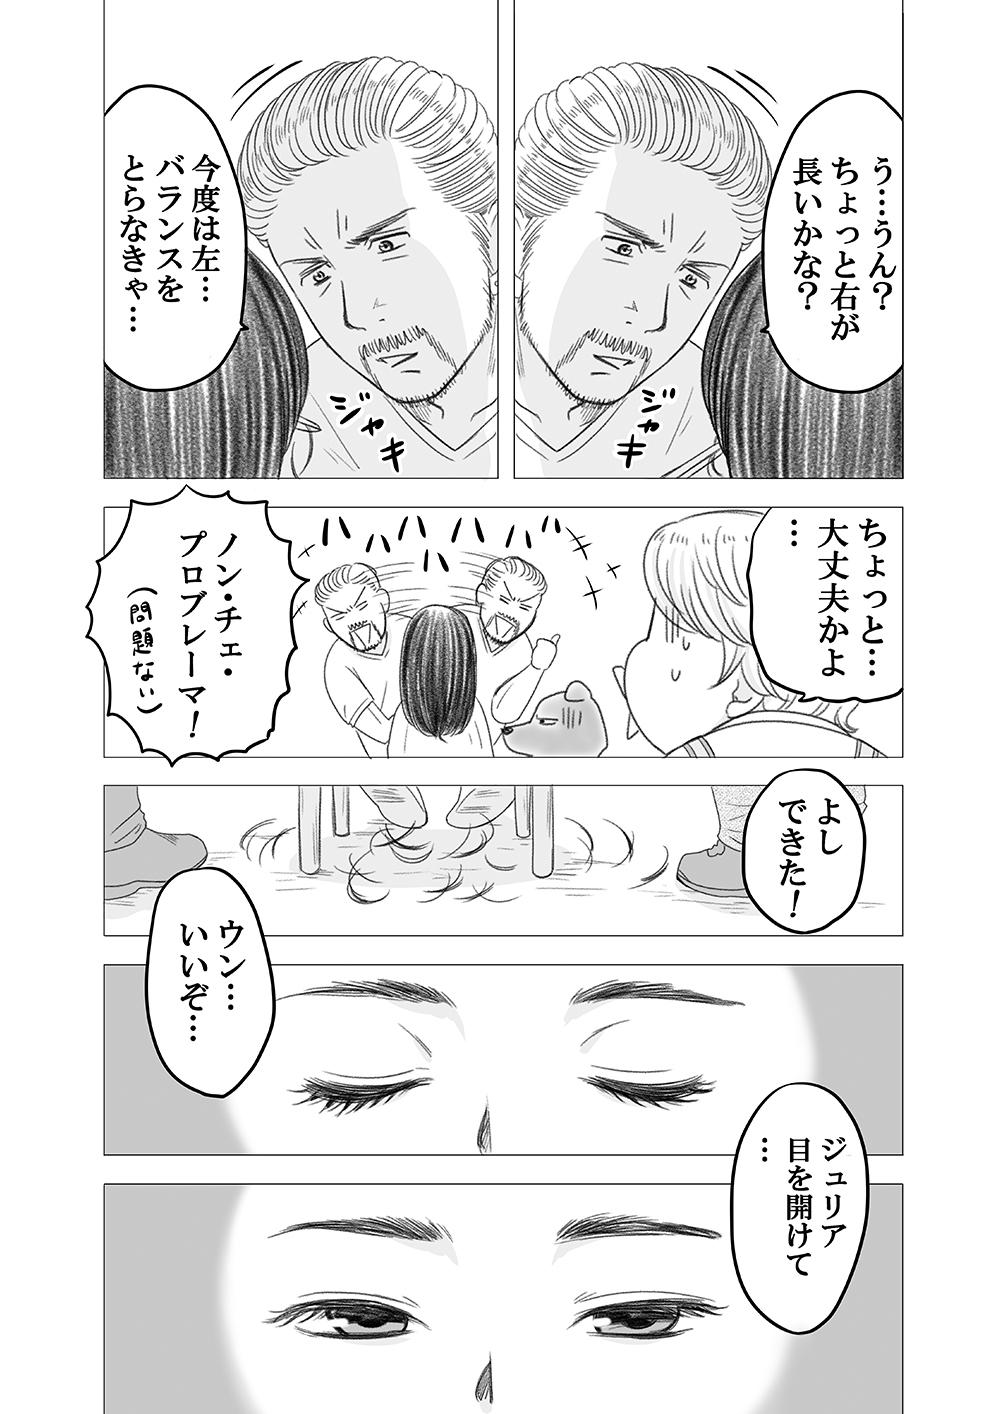 やせふと3話2